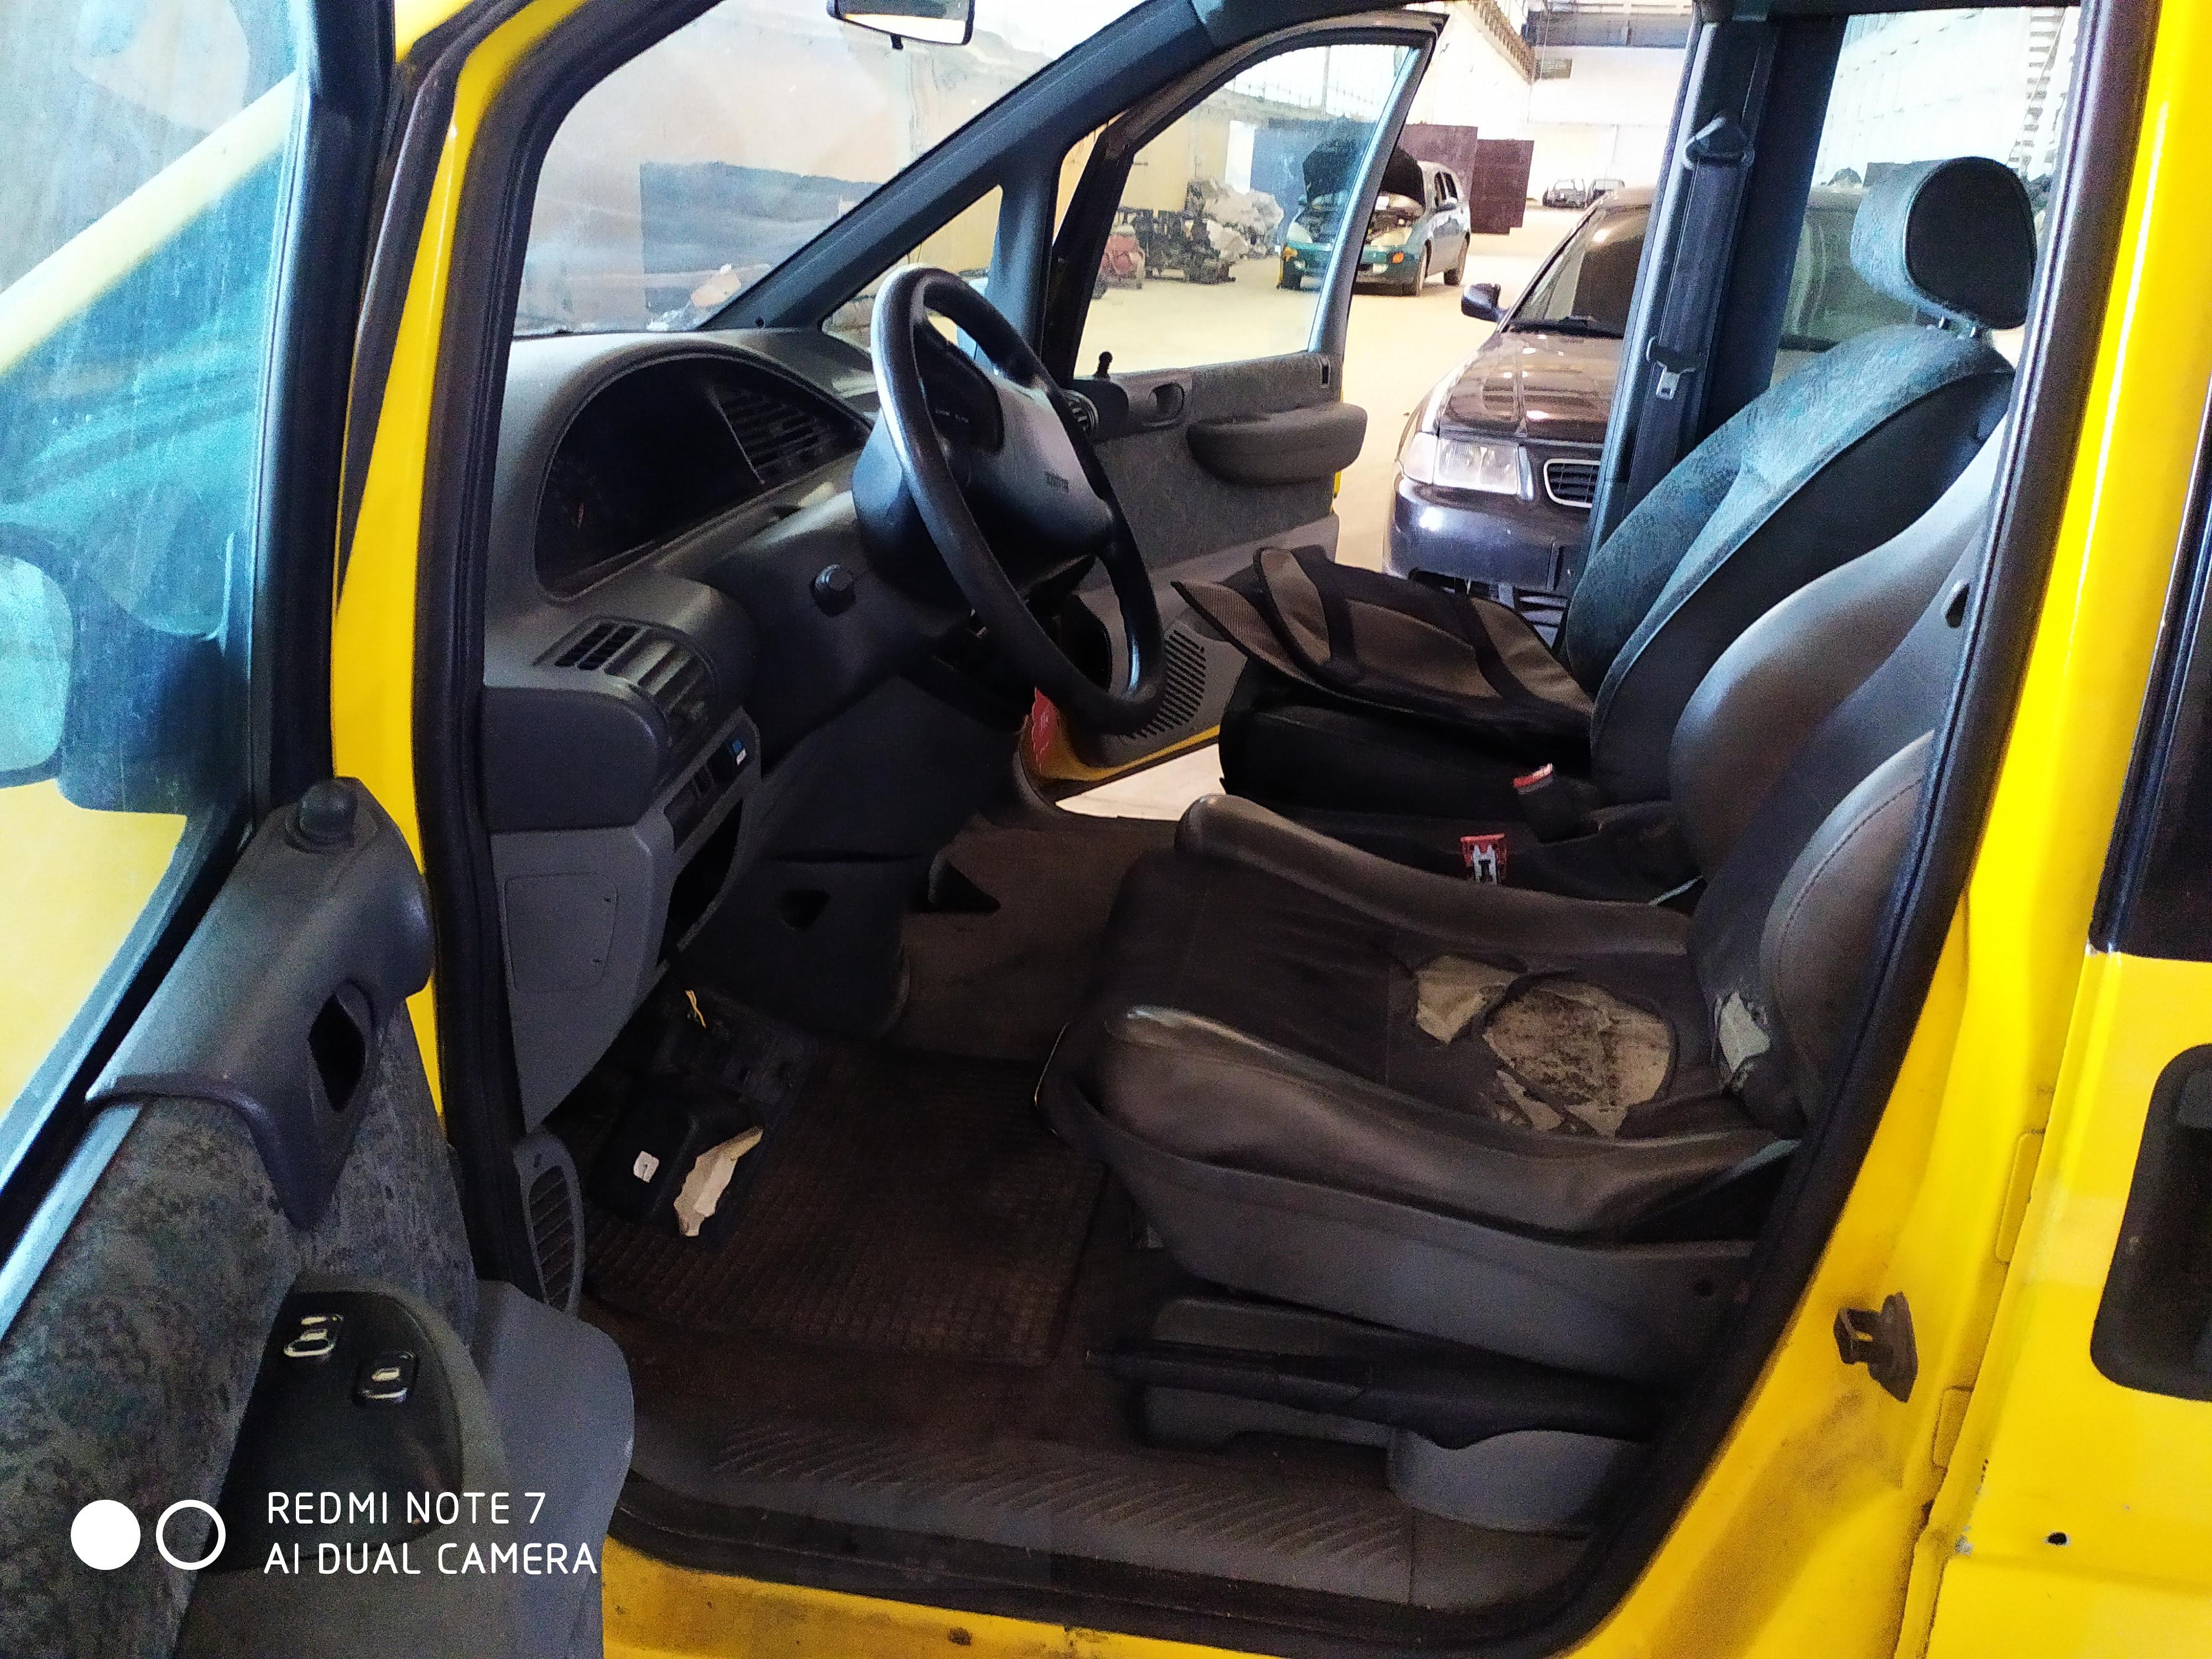 Подержанные Автозапчасти Fiat ULYSSE 1999 1.9 машиностроение минивэн 4/5 d. желтый 2020-9-04